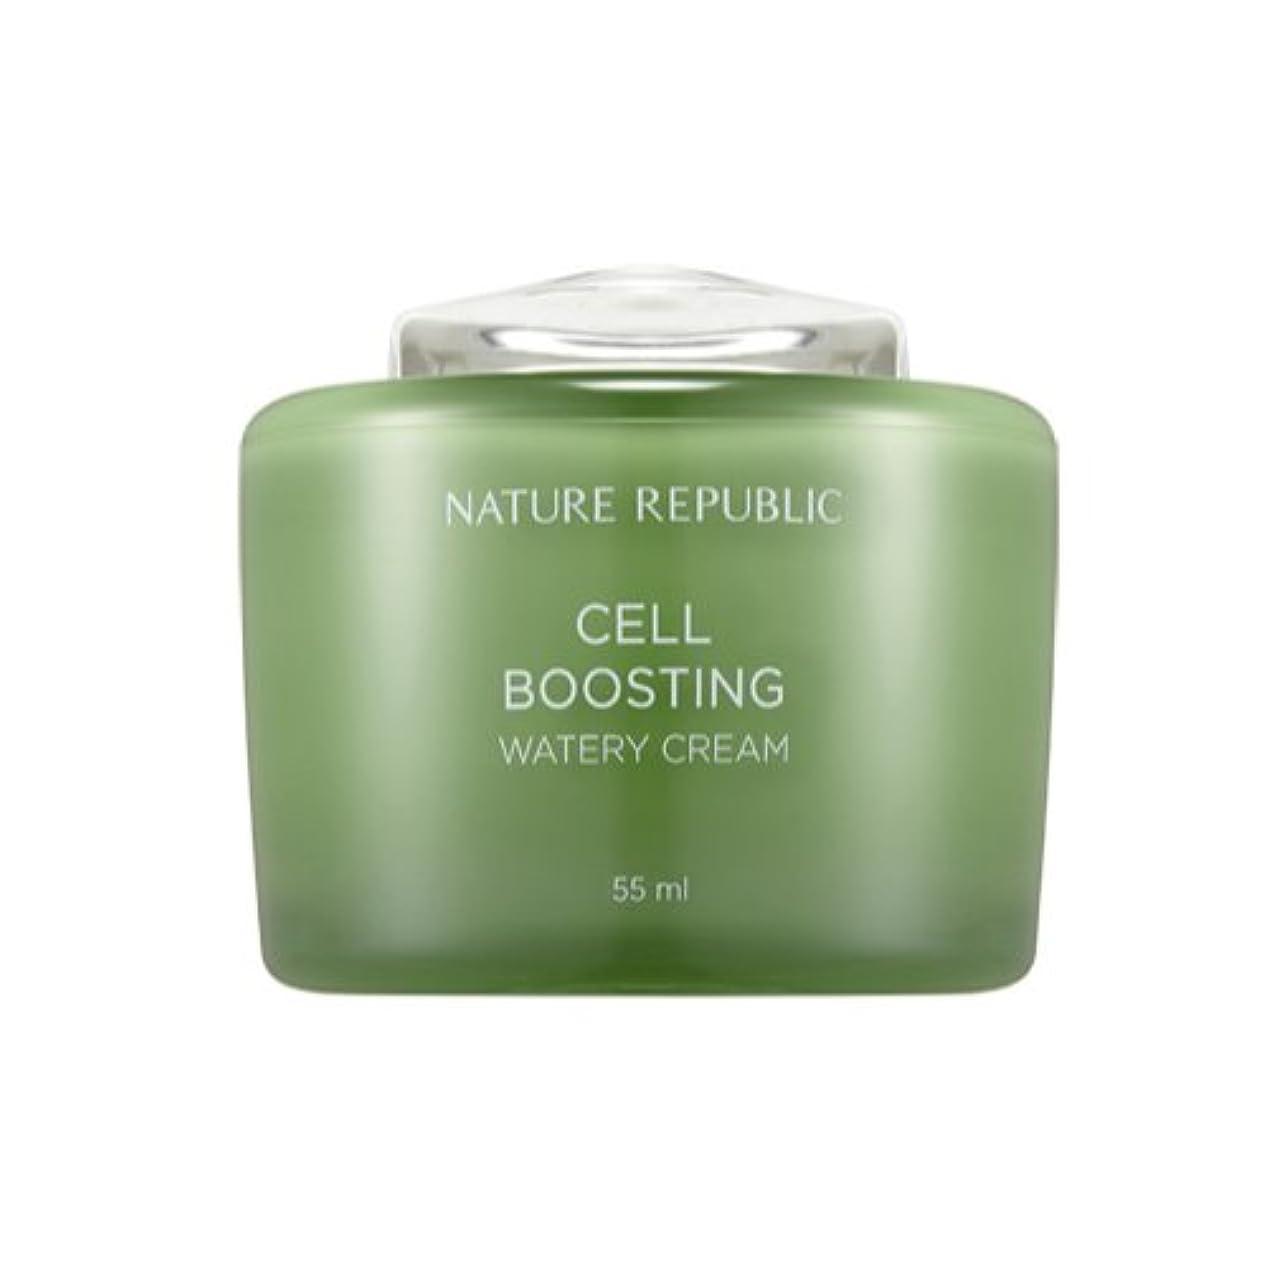 皮トレイル委員長[ネイチャーリパブリック] Nature republicセルブースティングウォーターリークリーム海外直送品(Cell Boosting Watery Cream) [並行輸入品]